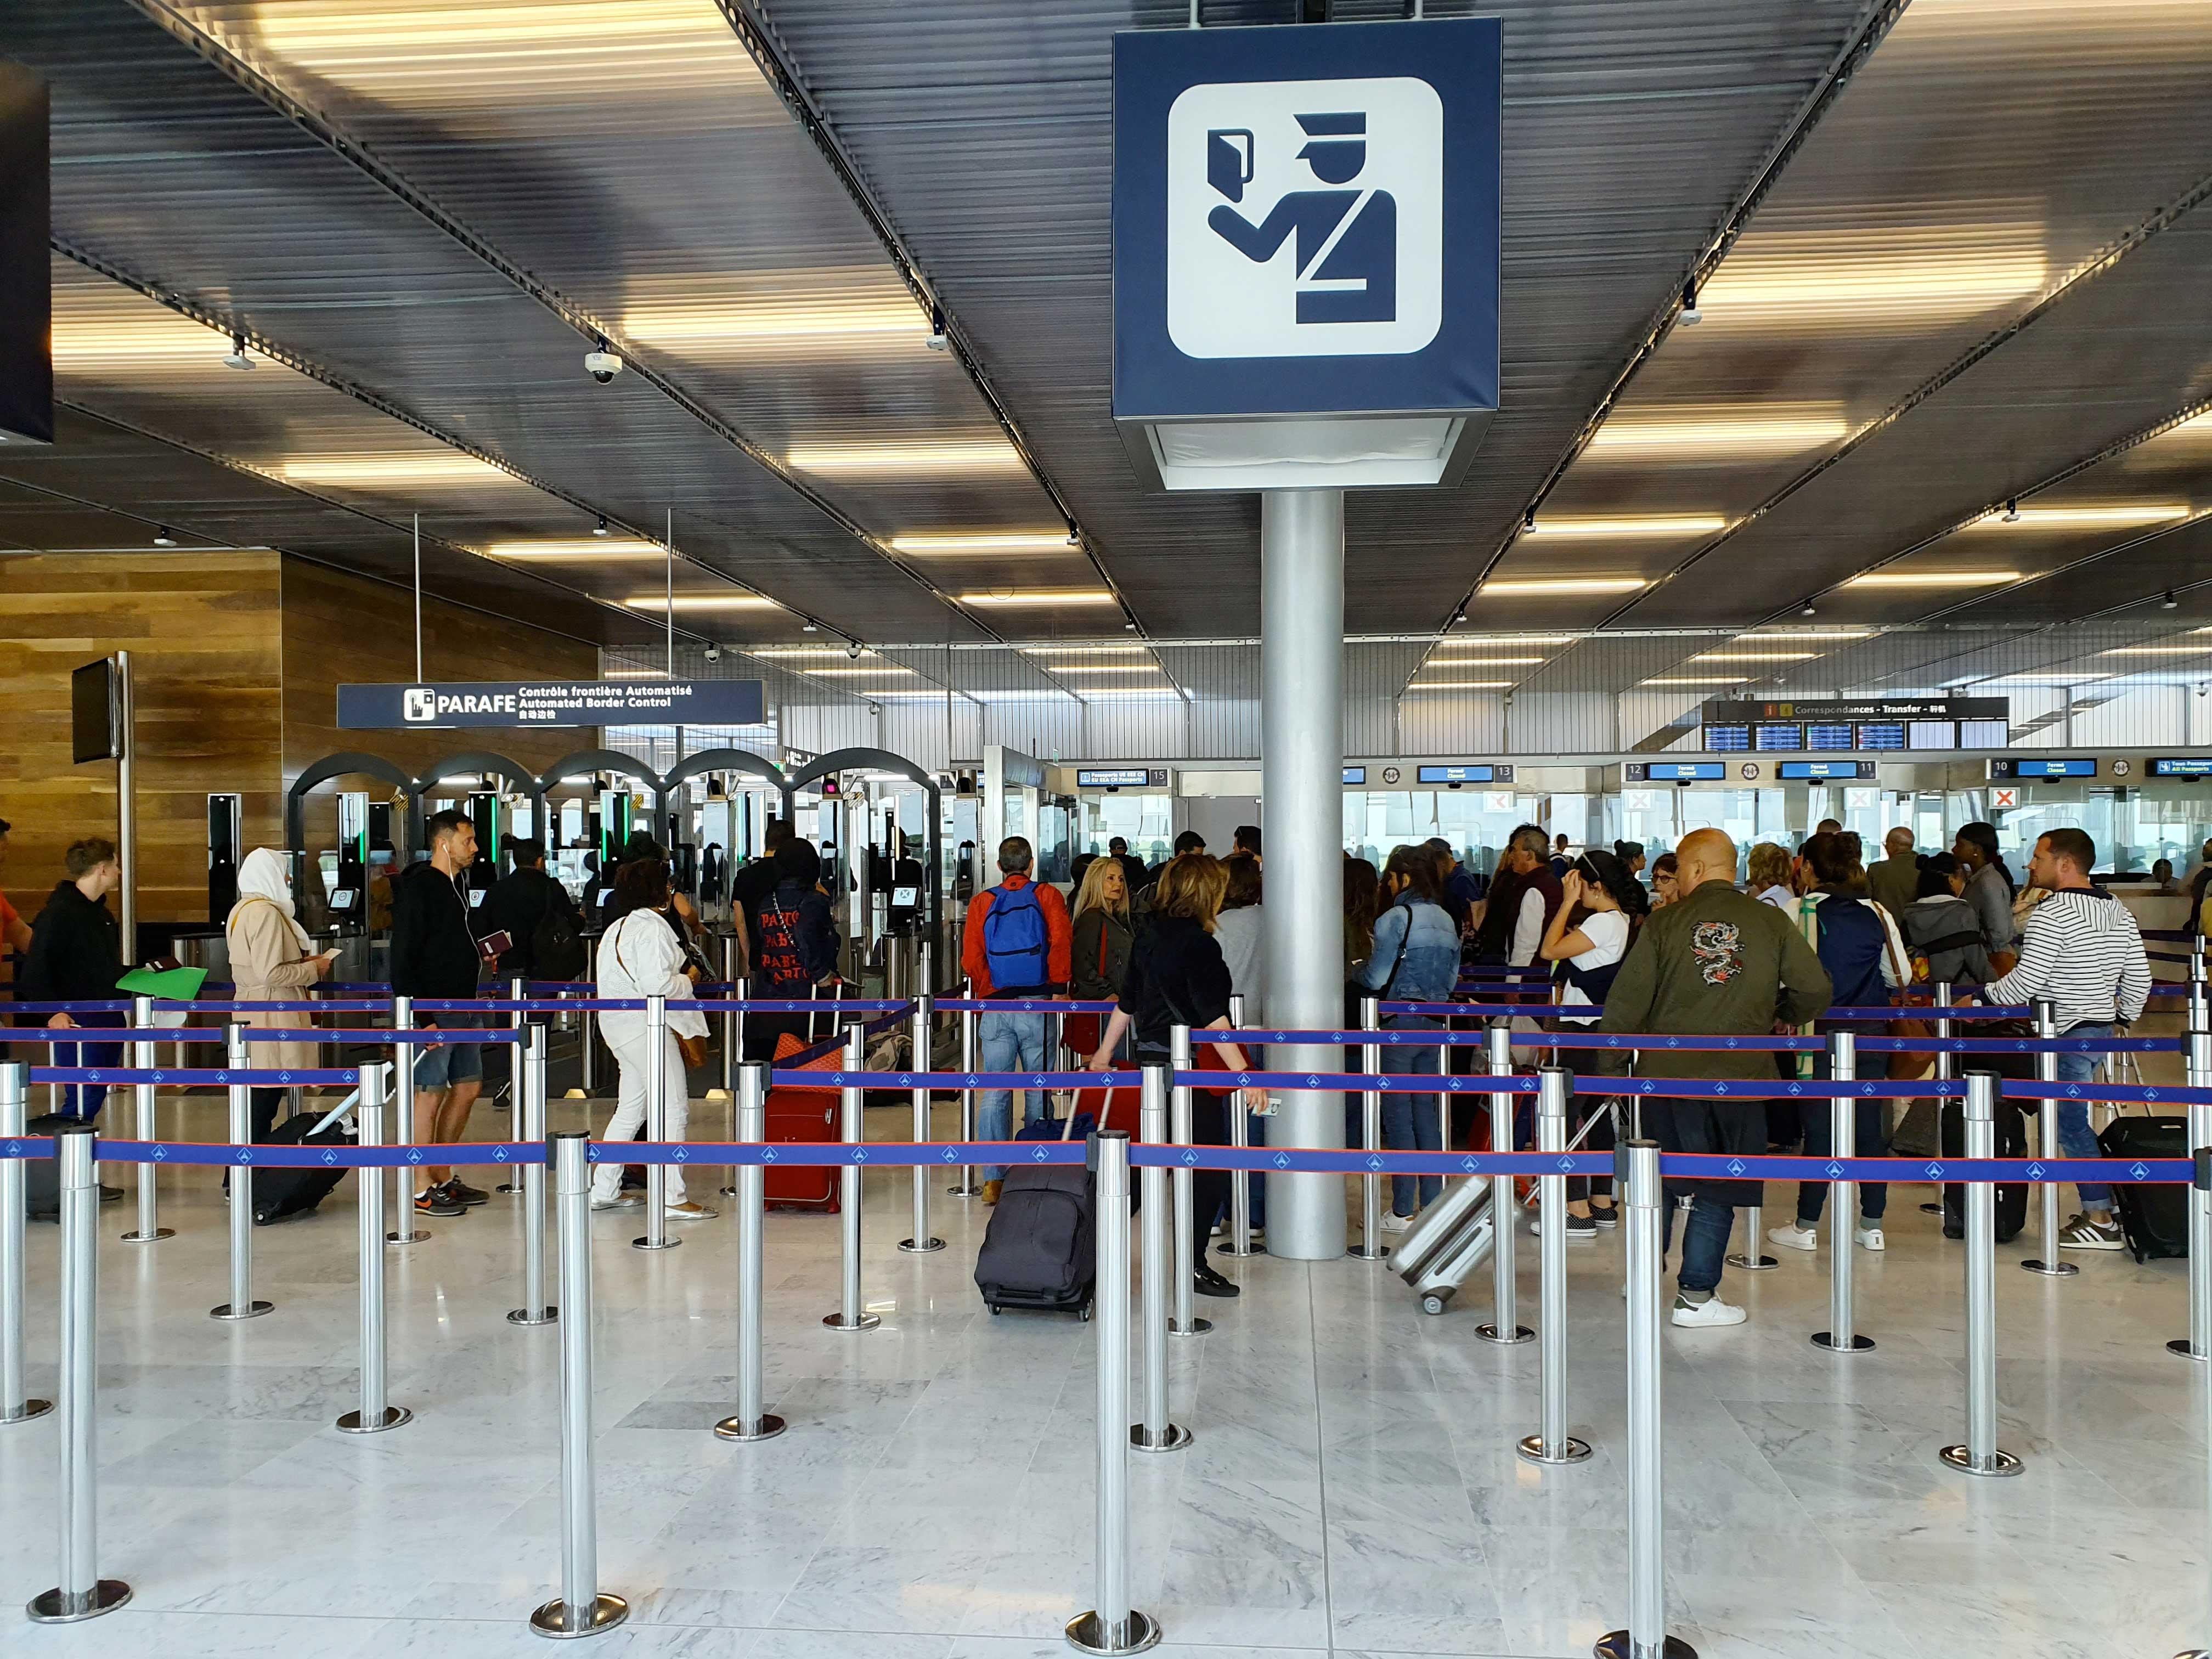 EU : Canada et Tunisie ôtés de la liste des voyageurs lambda autorisés ? 1 Air Journal